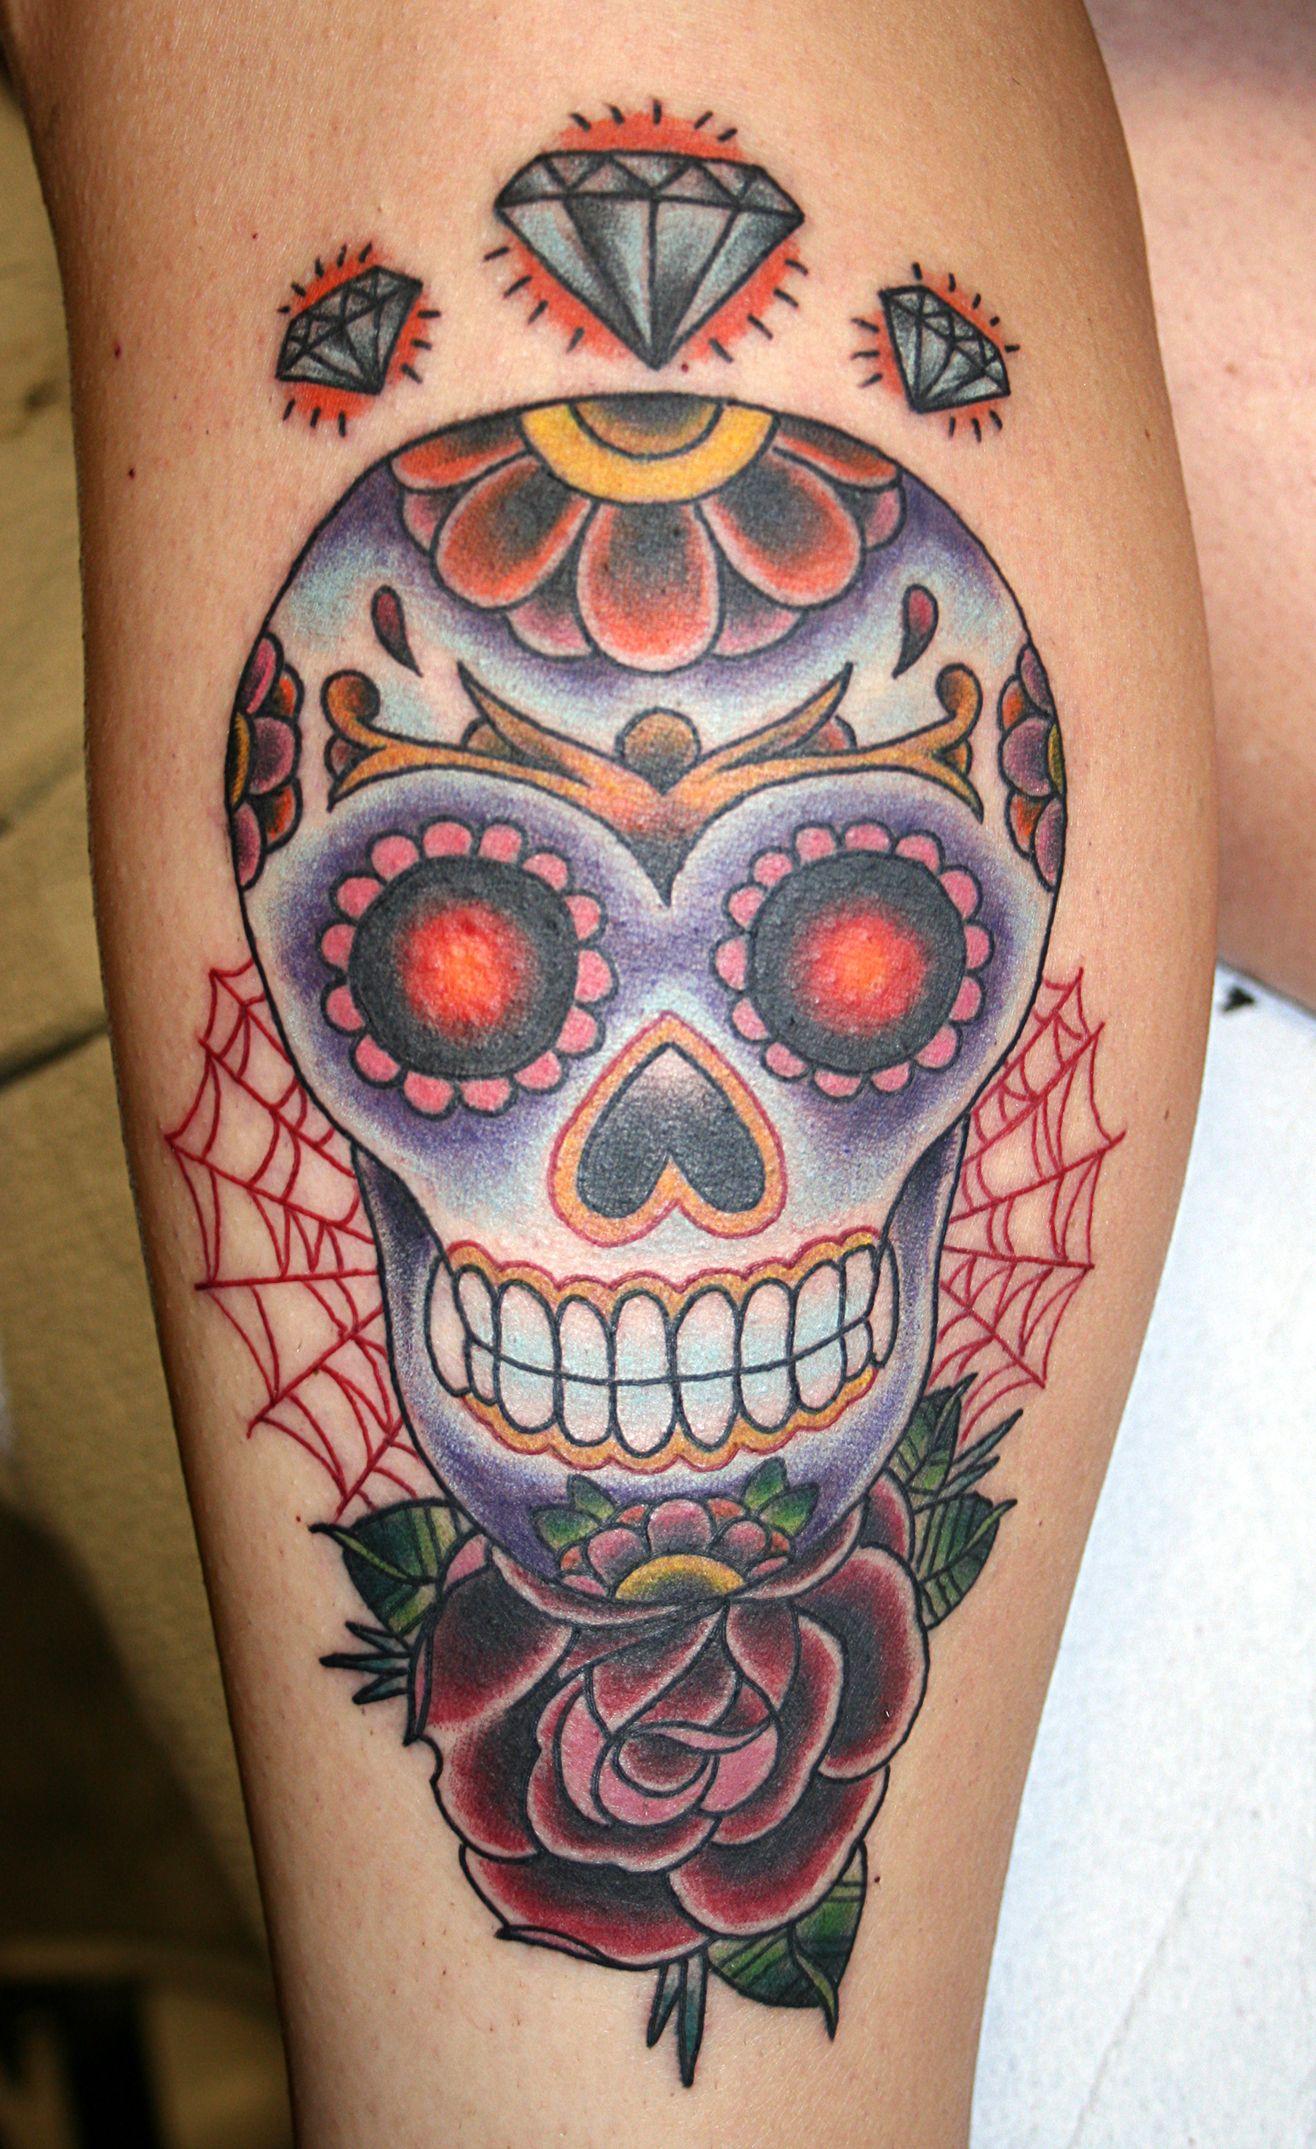 Skull Tattoo Designs Ideas Sugar skulls, Candy skulls